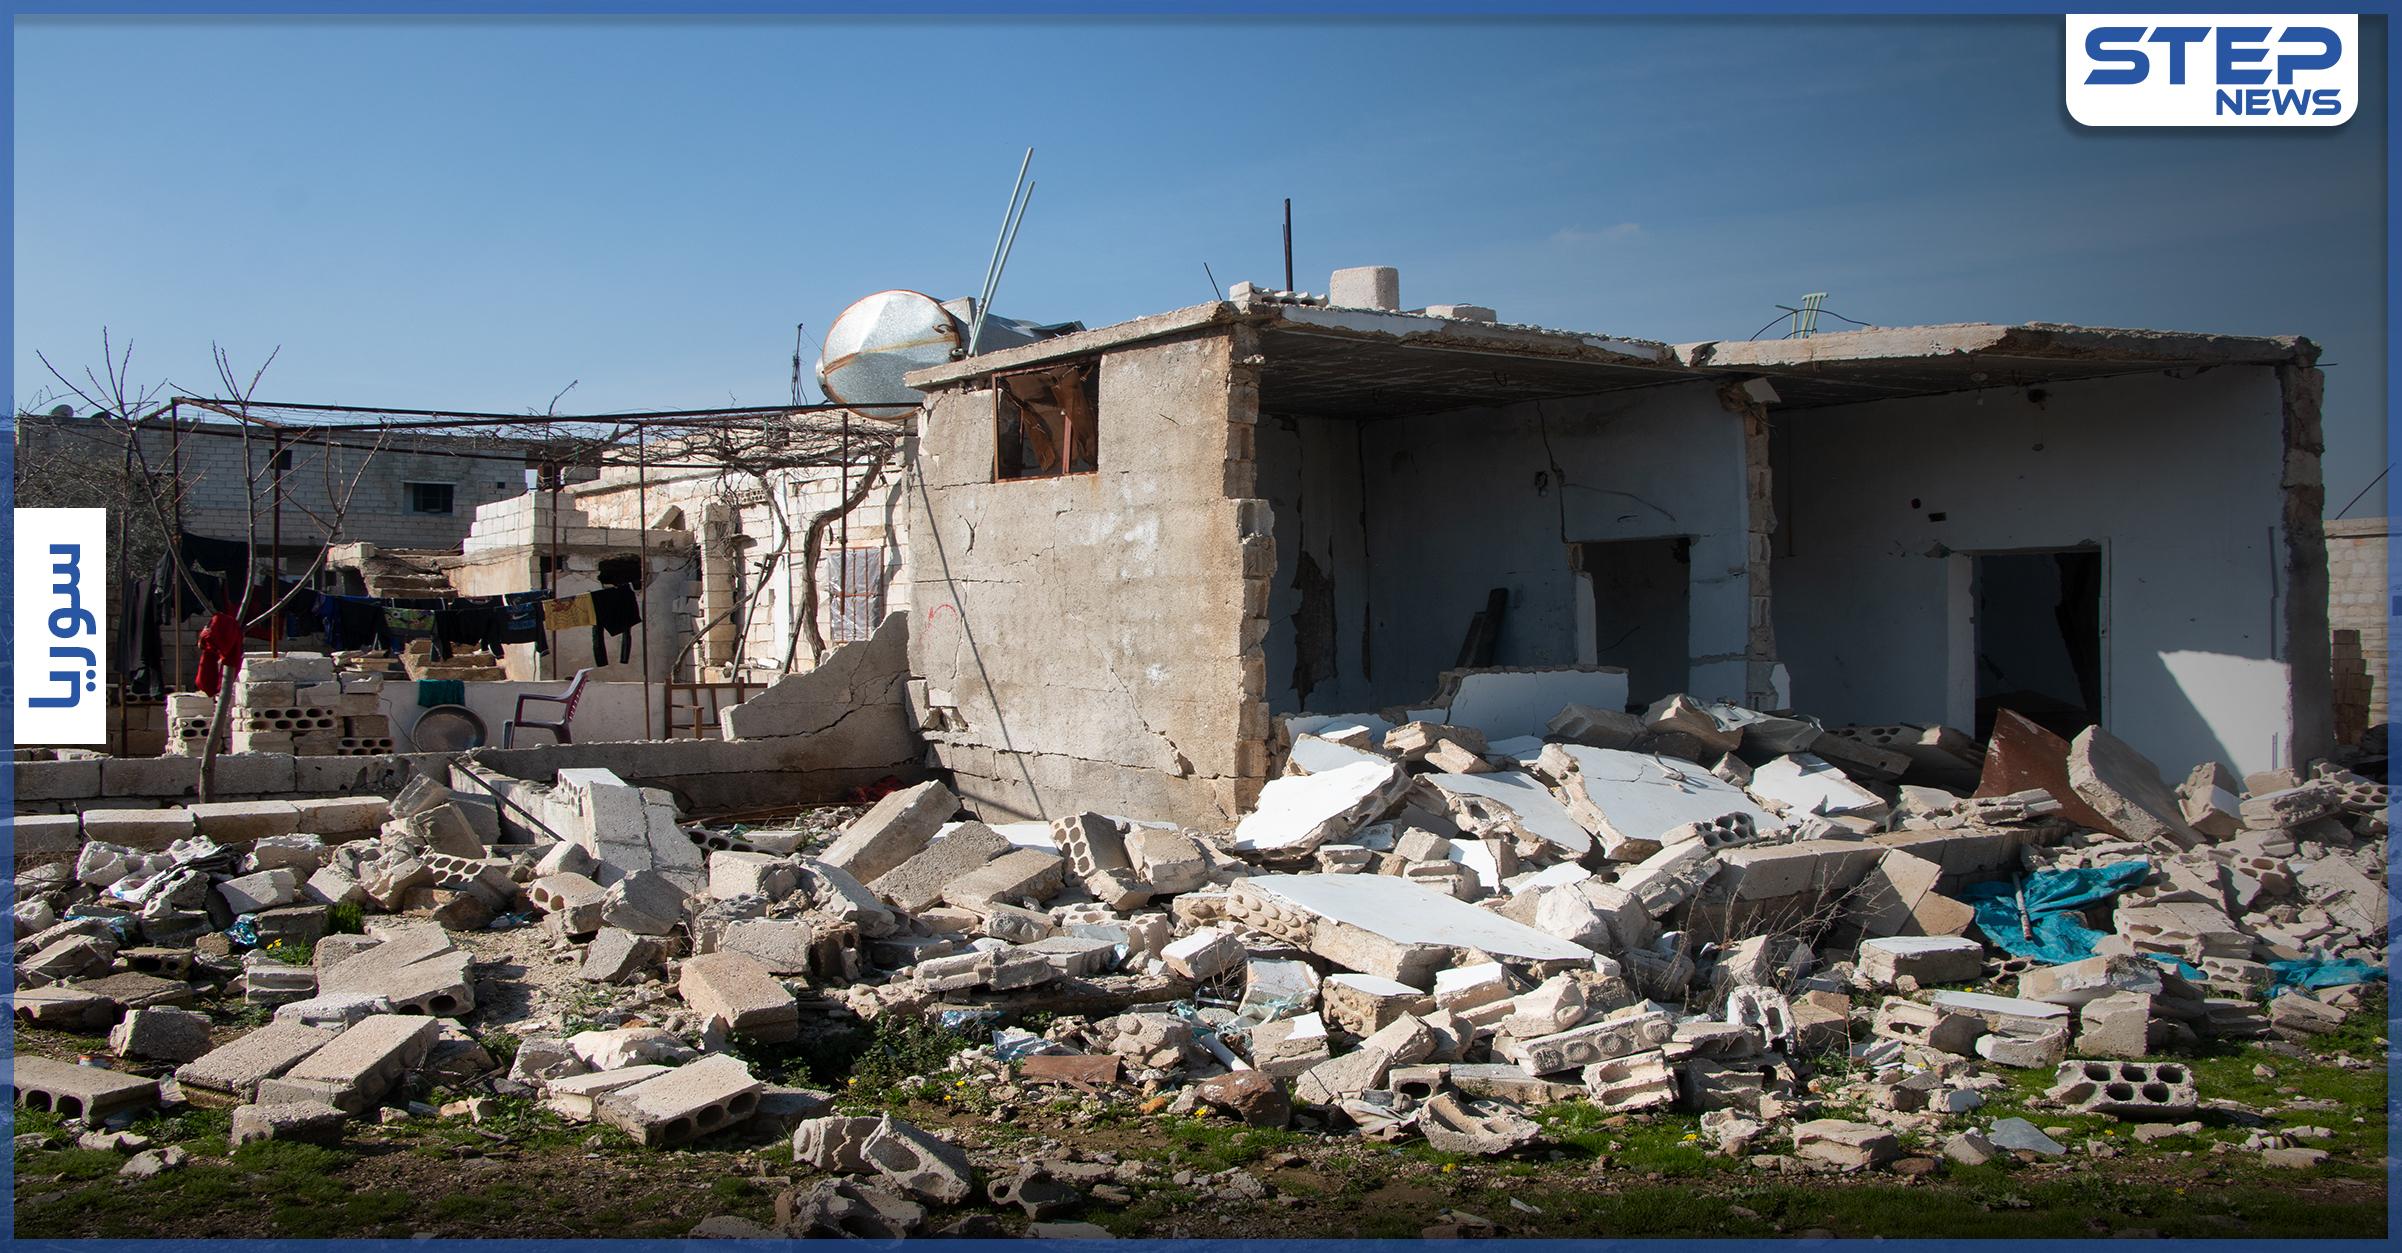 عدسة ستيب نيوز ترصد الدمار الحاصل والنقاط العسكرية التركية المتمركزة جنوب إدلب